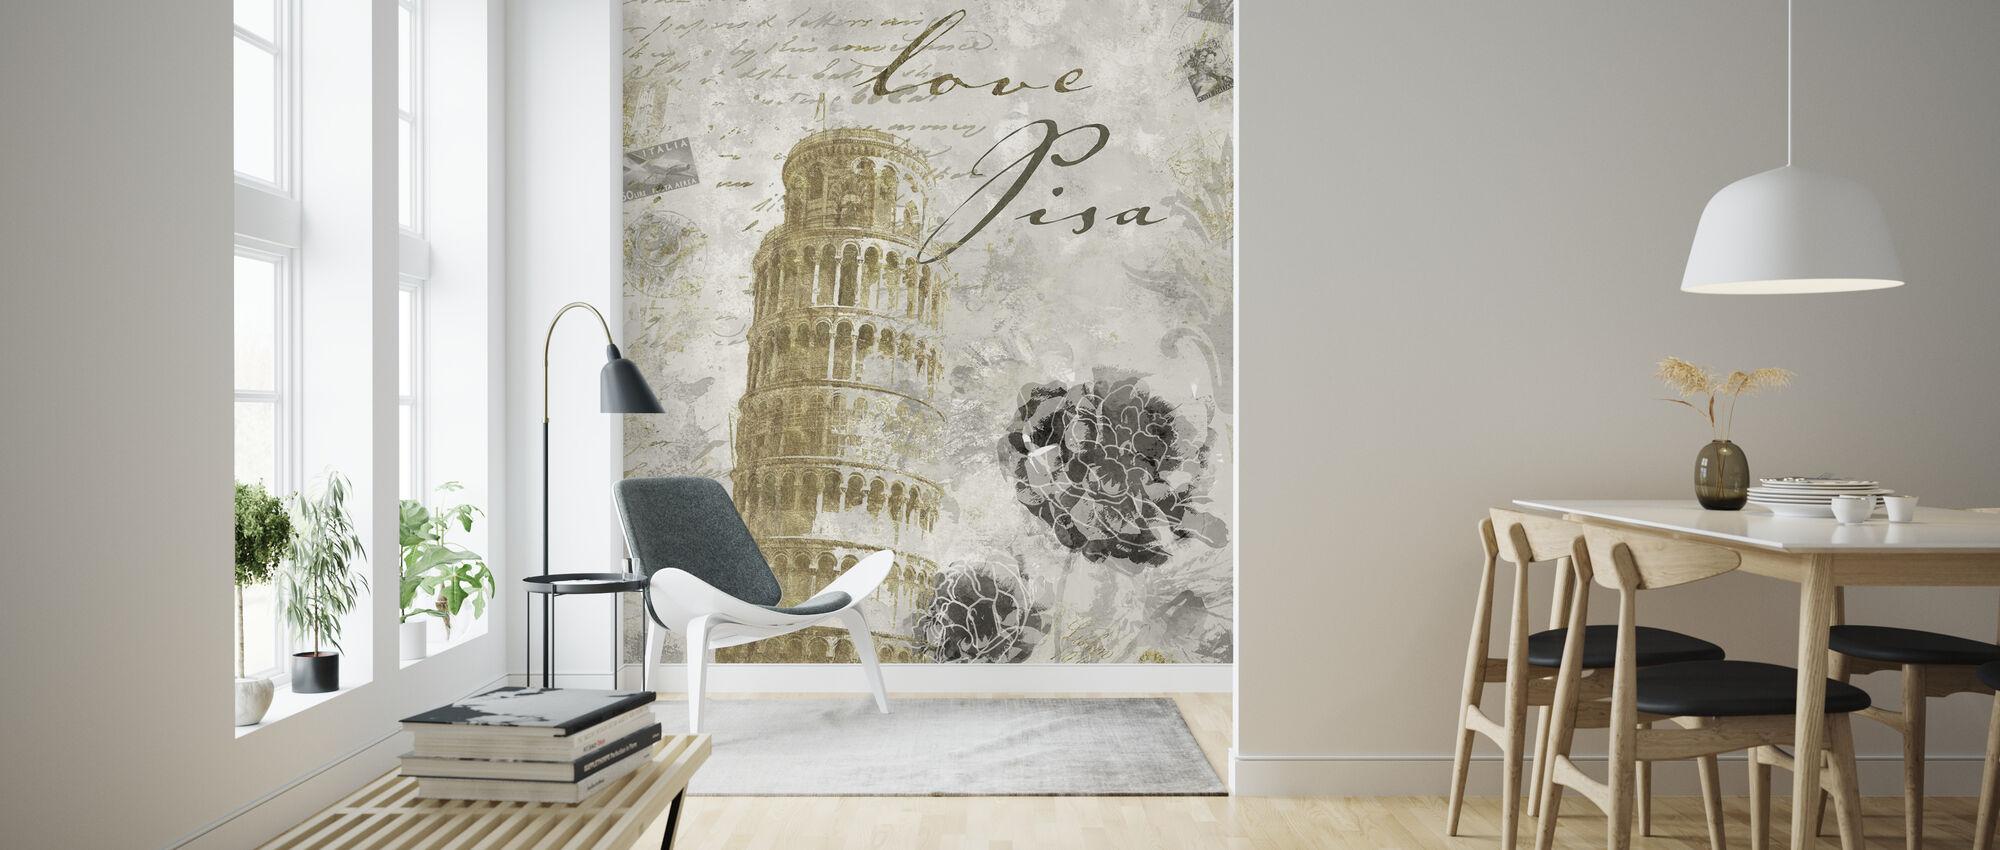 Kjærlighet Pisa - Gull - Tapet - Stue